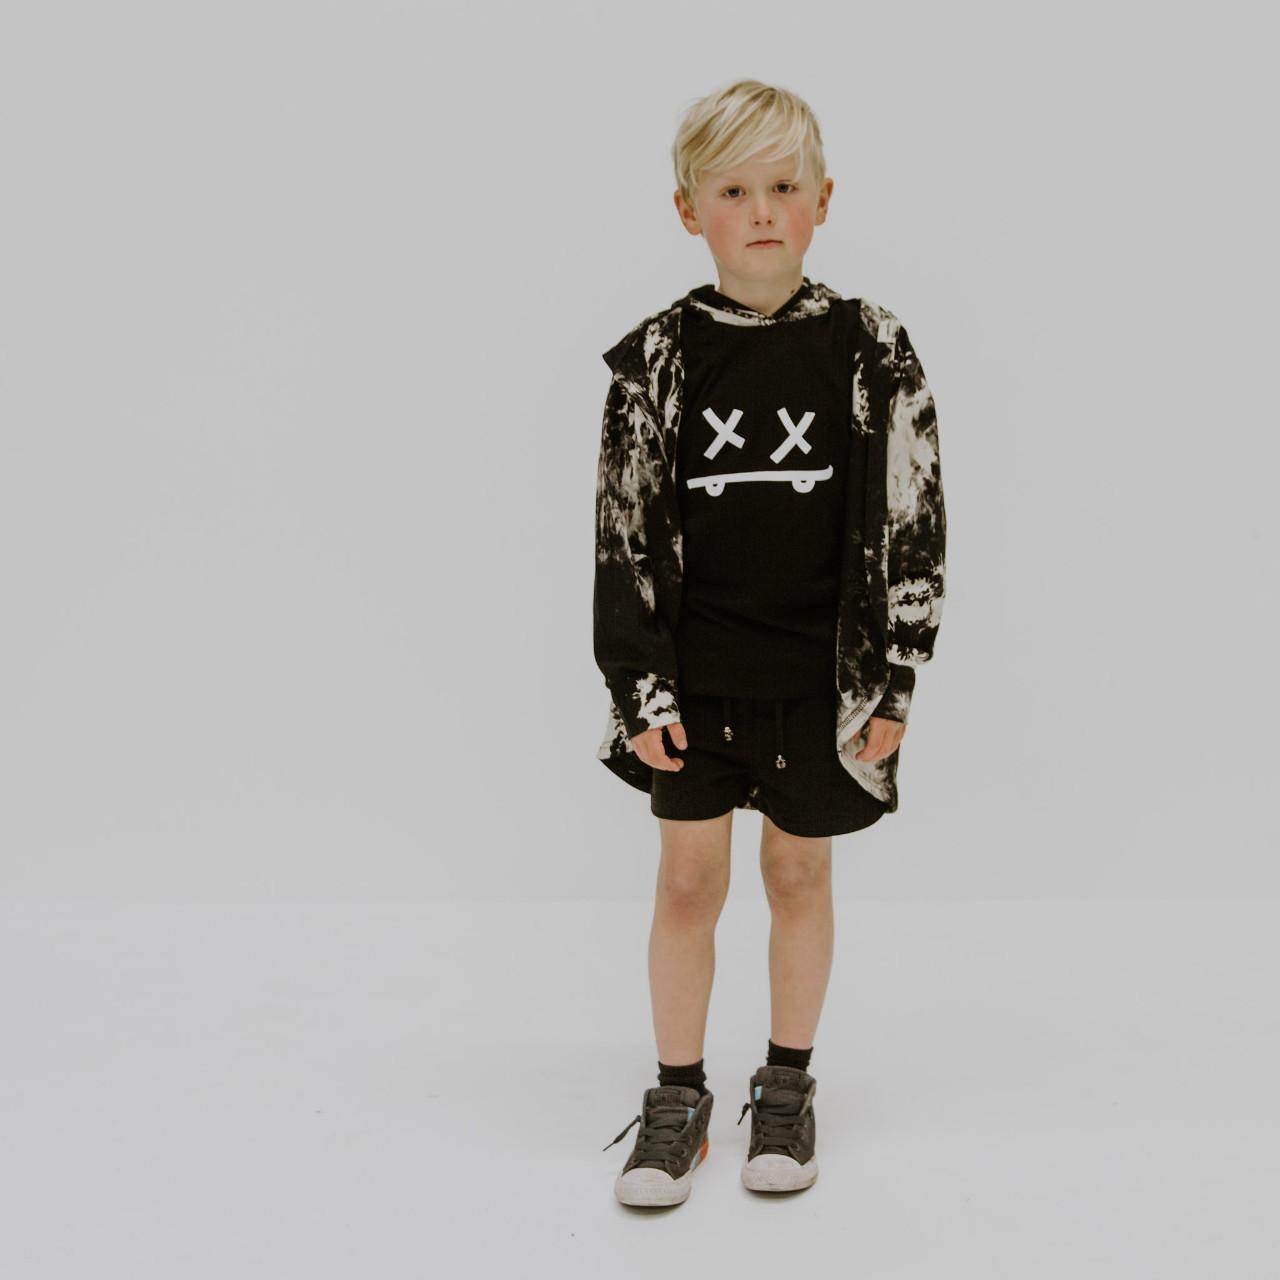 Rad Tye Dye Cardy by Punk Baby